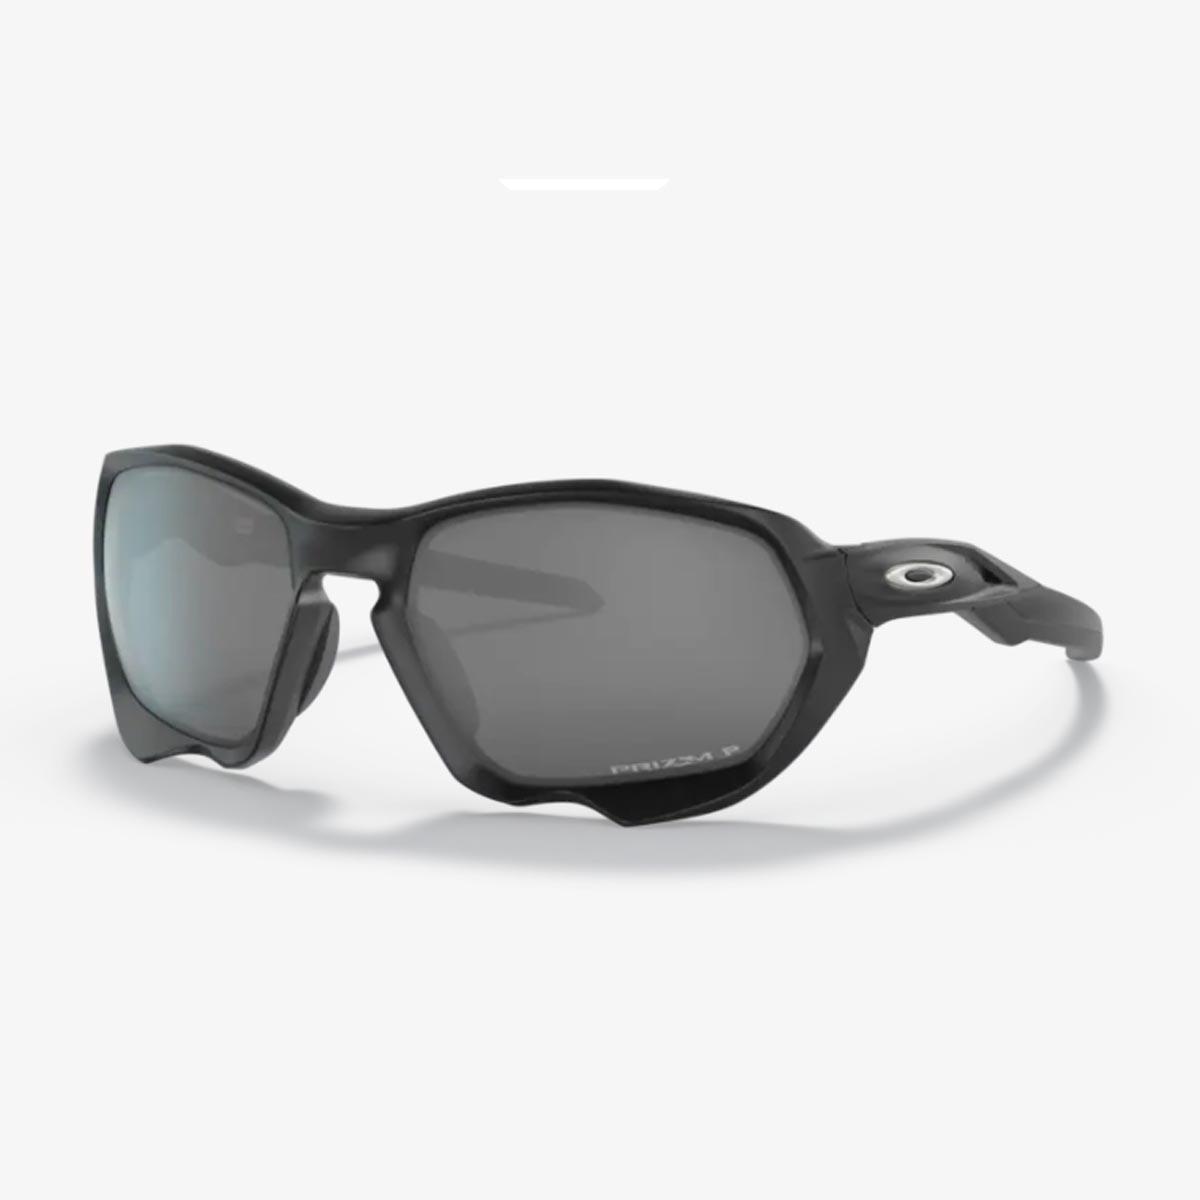 Oculos Para Ciclismo Oakley Plazma Preto Fosco Com Lente Prizm Escura Polarizada